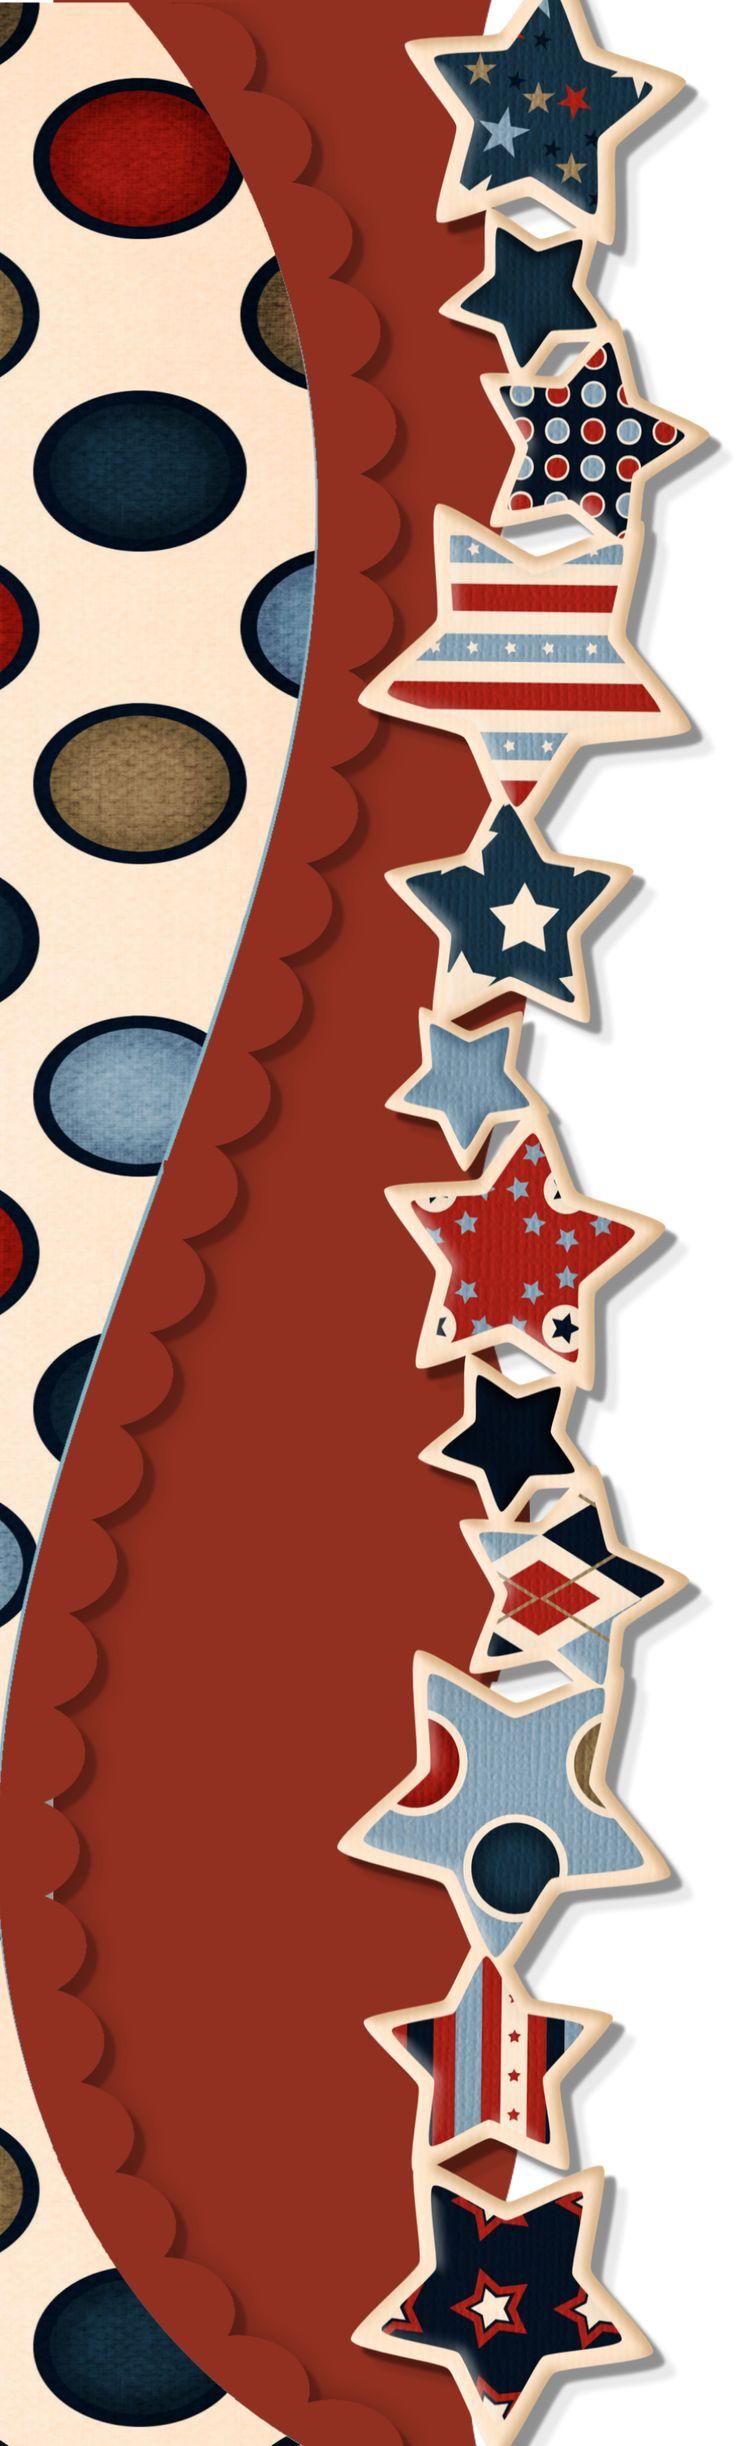 Scrapbook ideas rainbow - Borders Cantoneiras Cluster Scrapbook Bordersscrapbook Embellishmentsscrapbook Layoutsscrapbooking